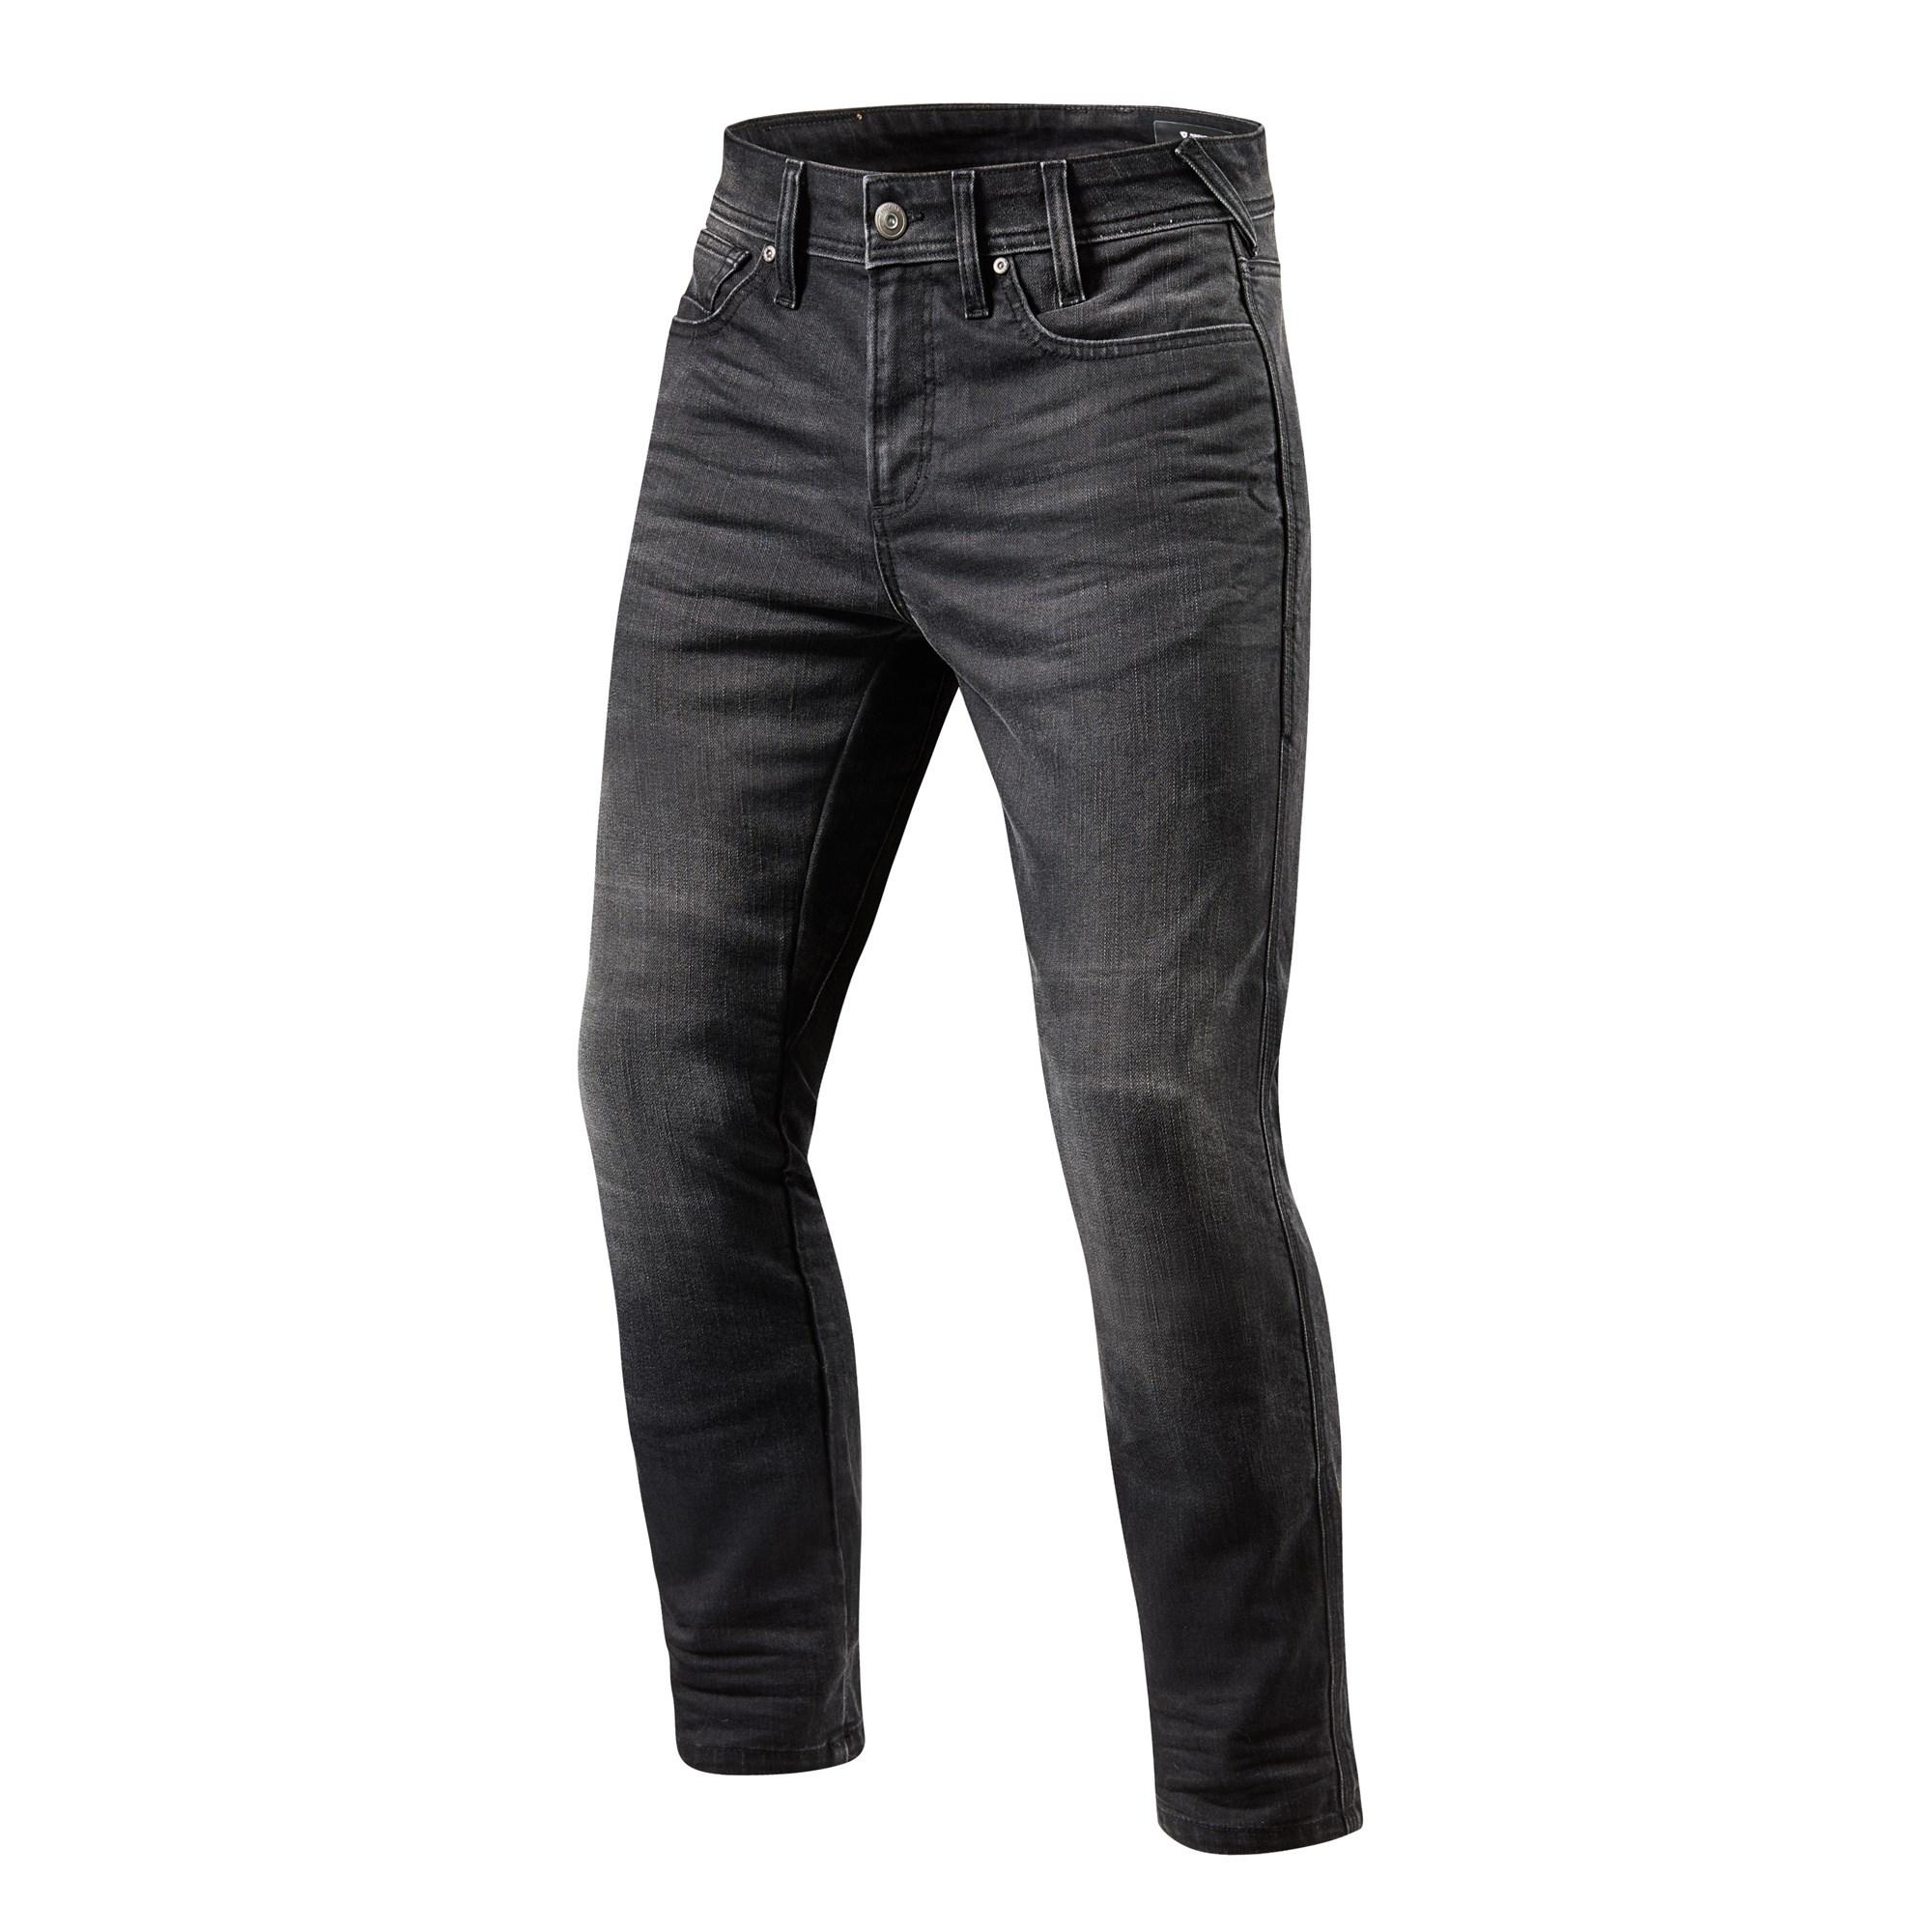 Rev'it Jeans Brentwood Middengrijs Used